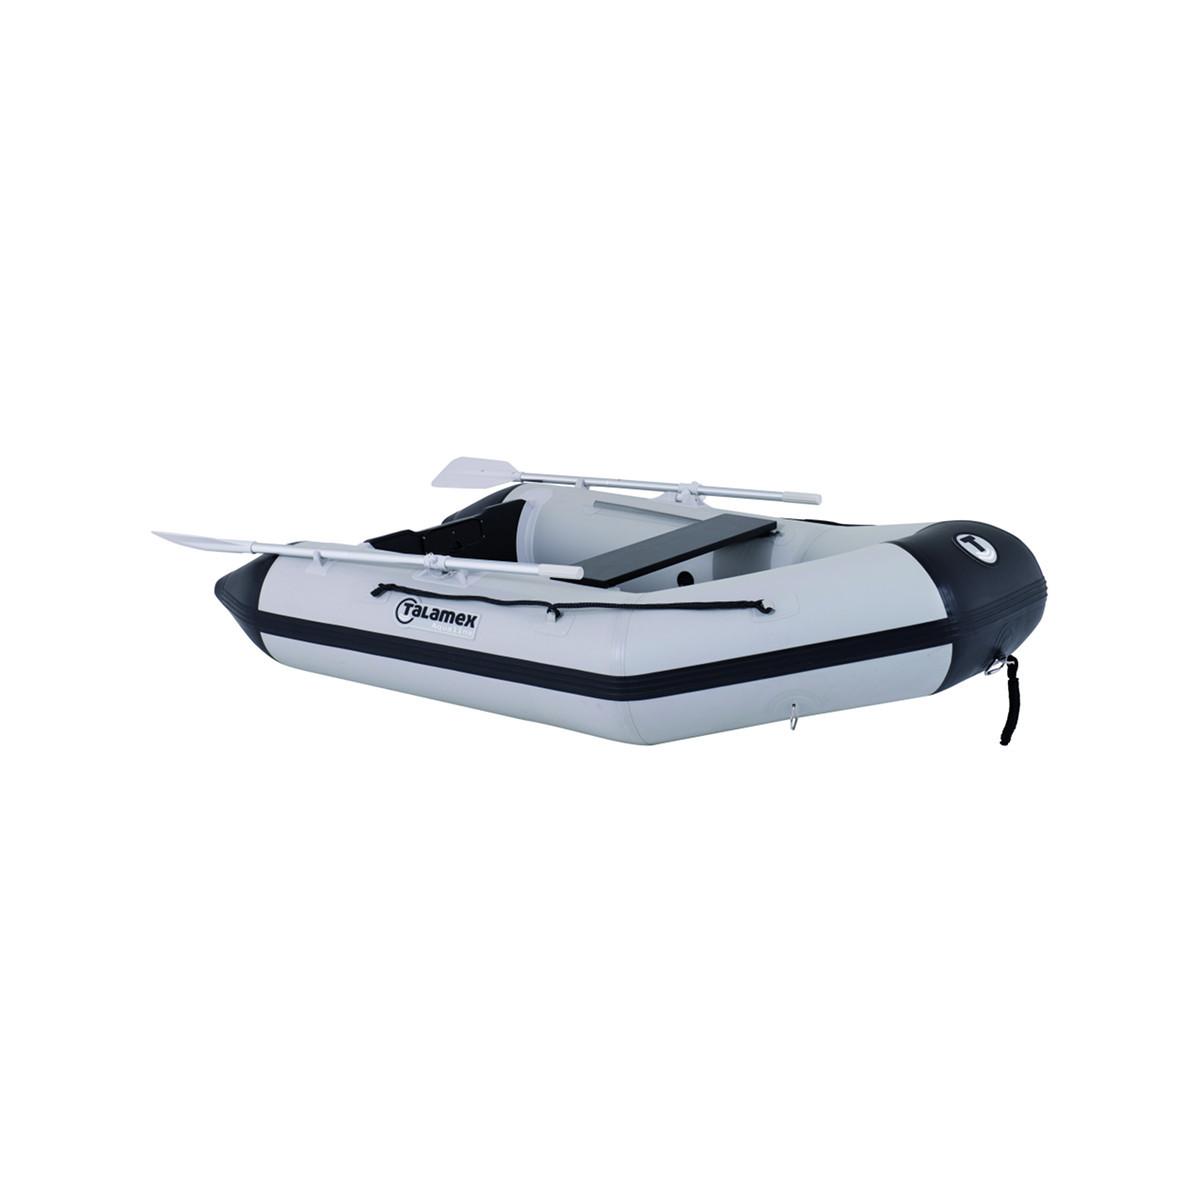 Talamex Aqualine QLX350 opblaasbare rubberboot met aluminium bodem, lengte 3,50m, lengte 3,50m, grijs